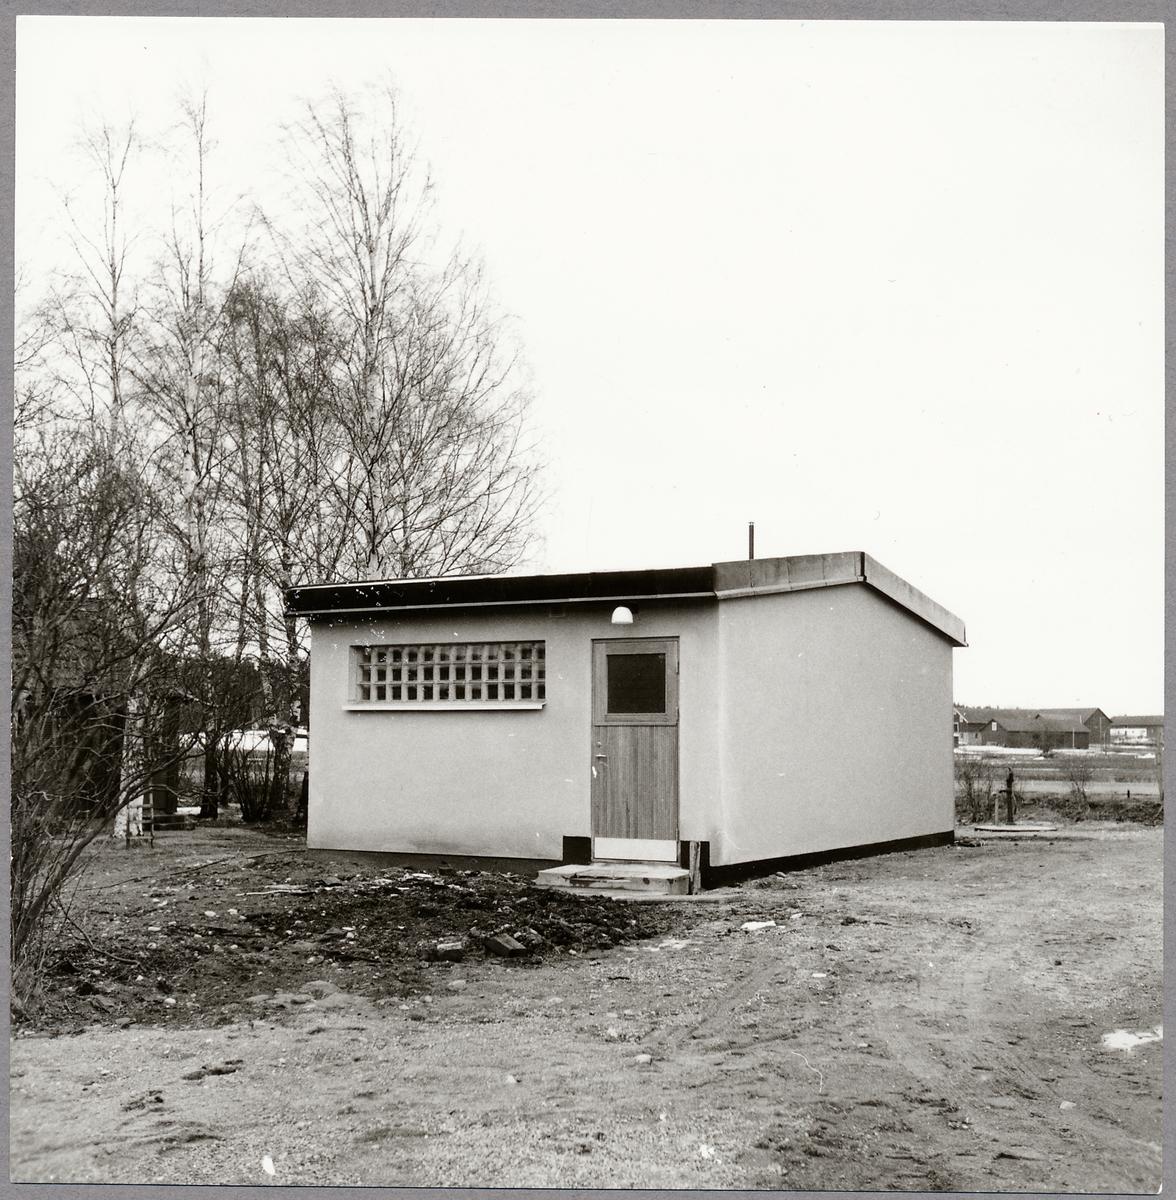 Isätra stations teknikhus.